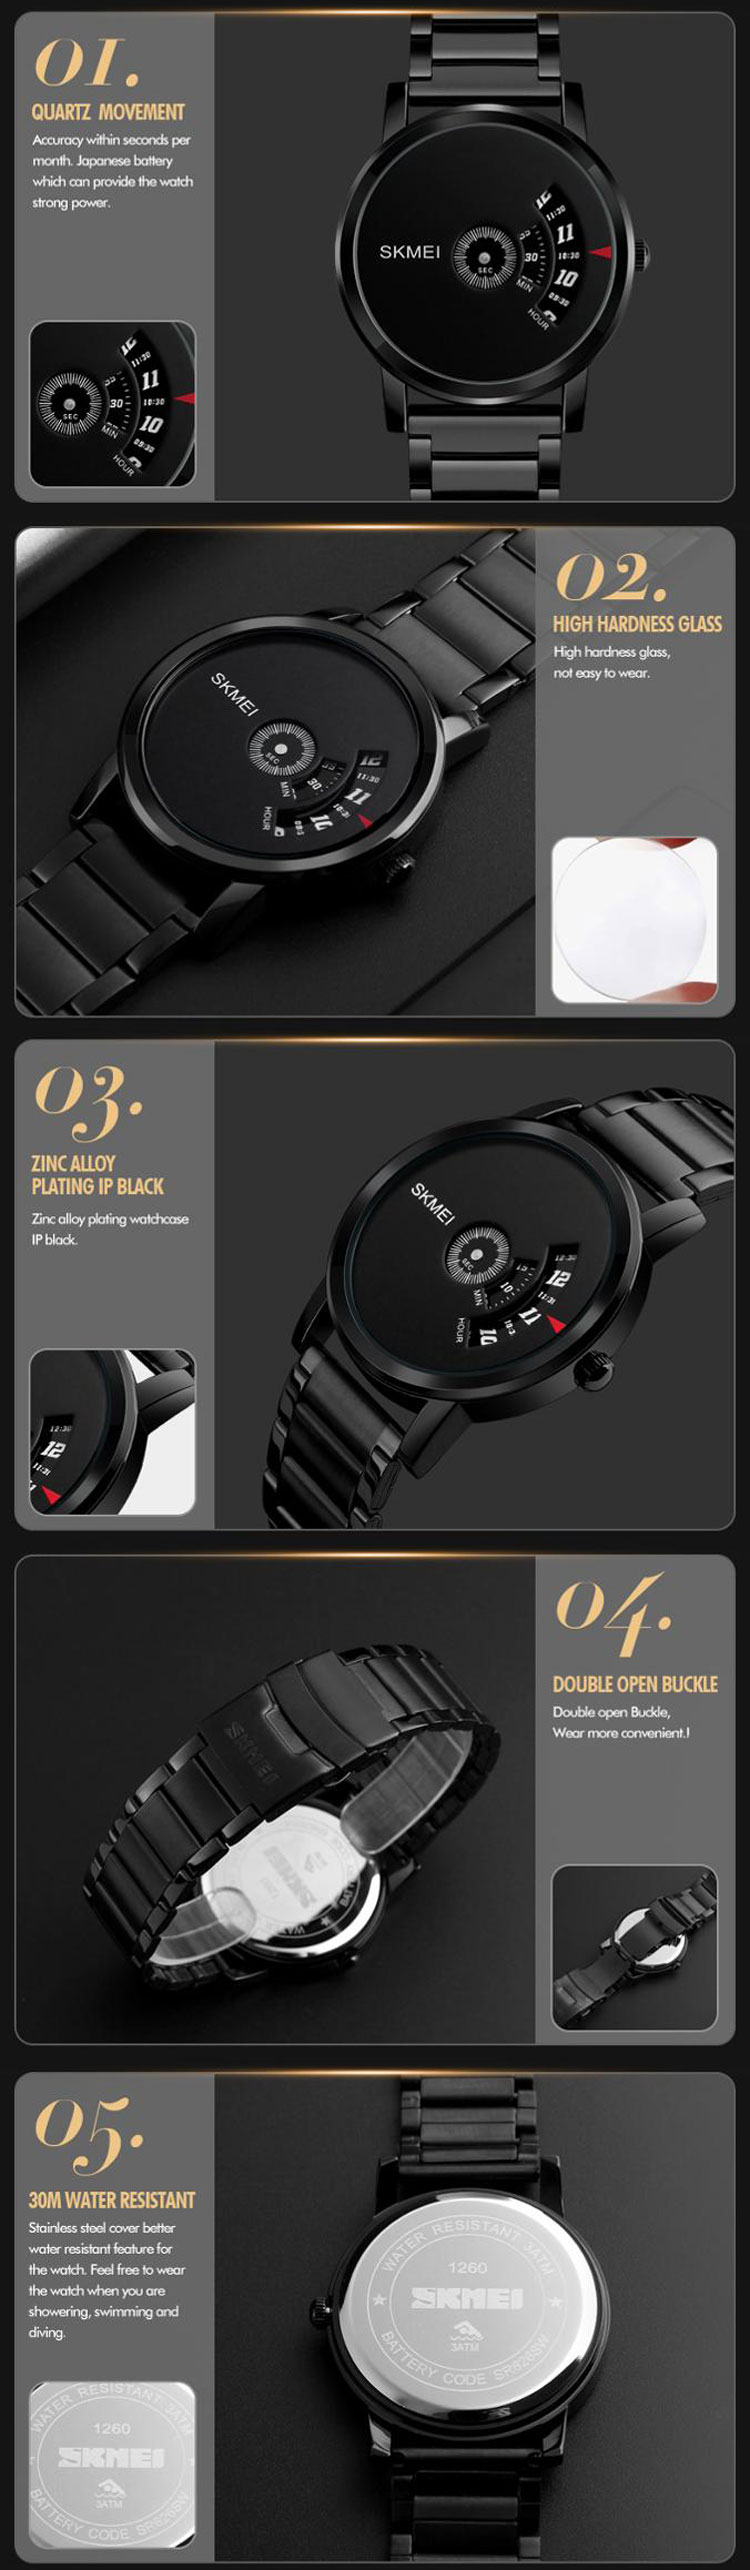 Đồng hồ skmei 1260